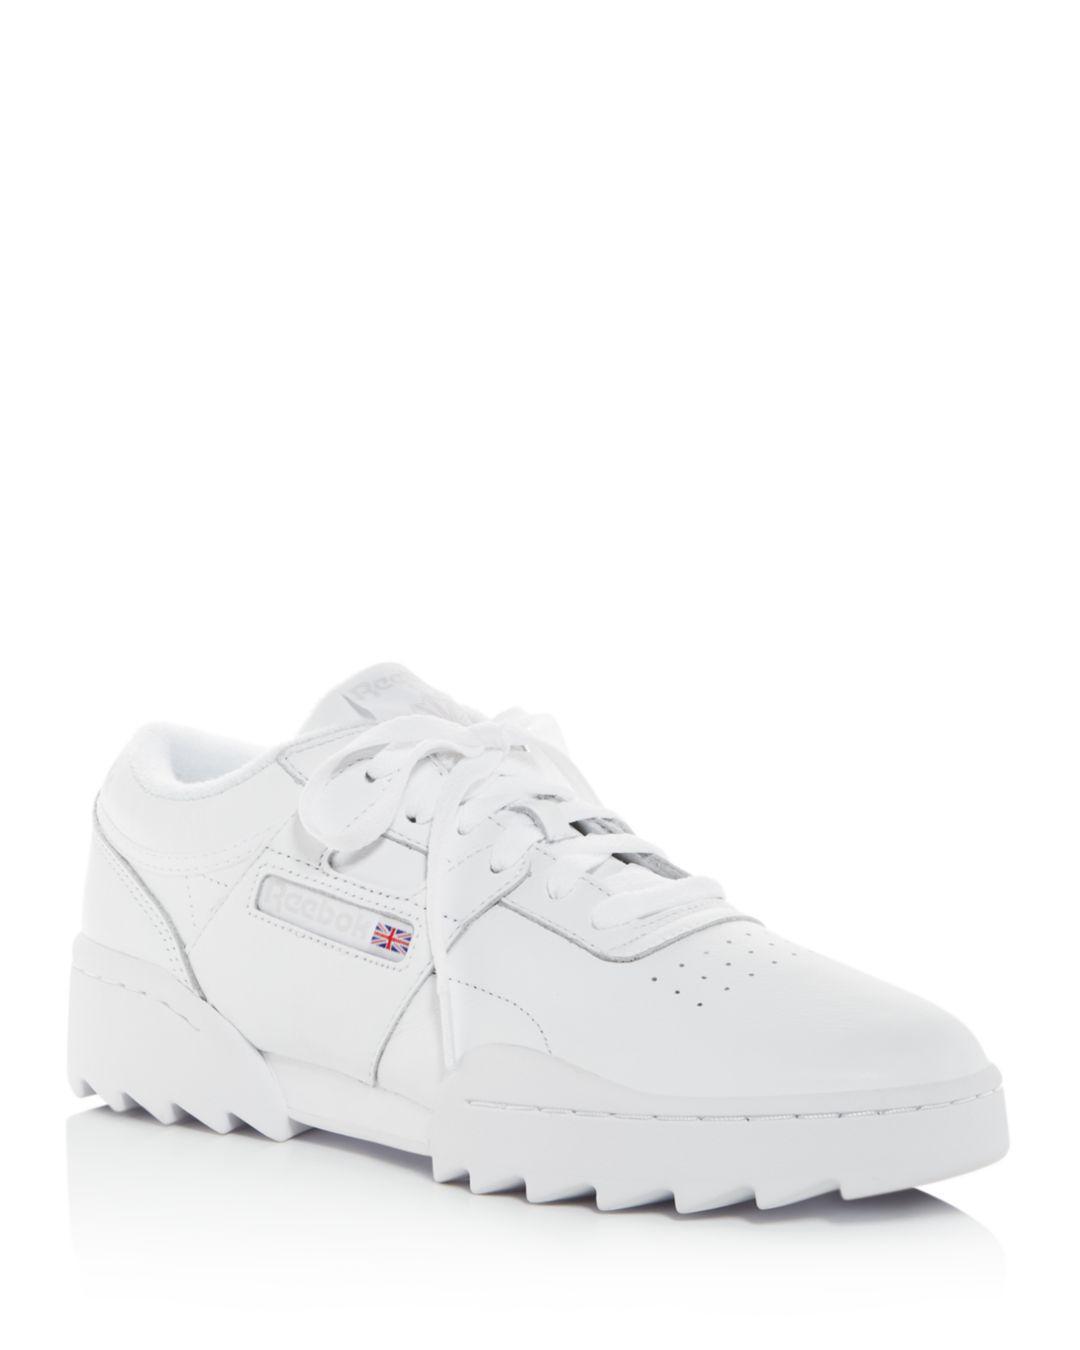 45689d6b909 Reebok Women s Workout Ripple Og Low-top Sneakers in White - Lyst